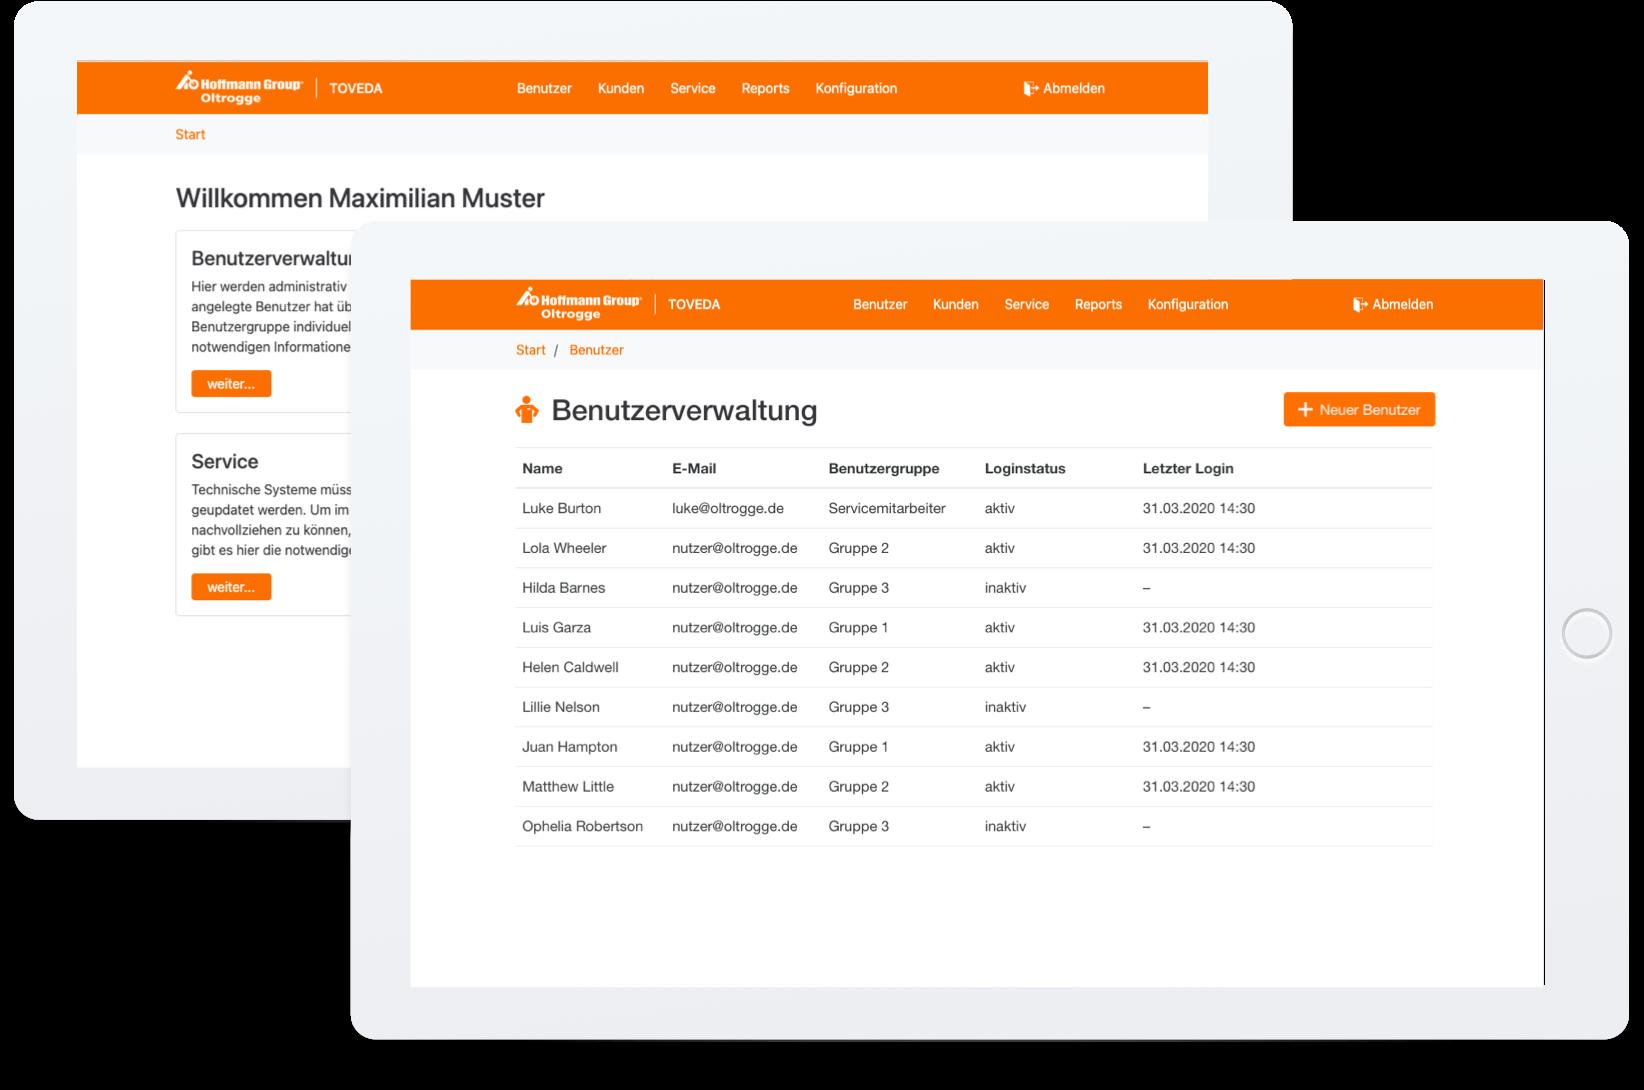 TOVEDA Webapplikation Startbildschirm und Benutzerverwaltung auf Tablet